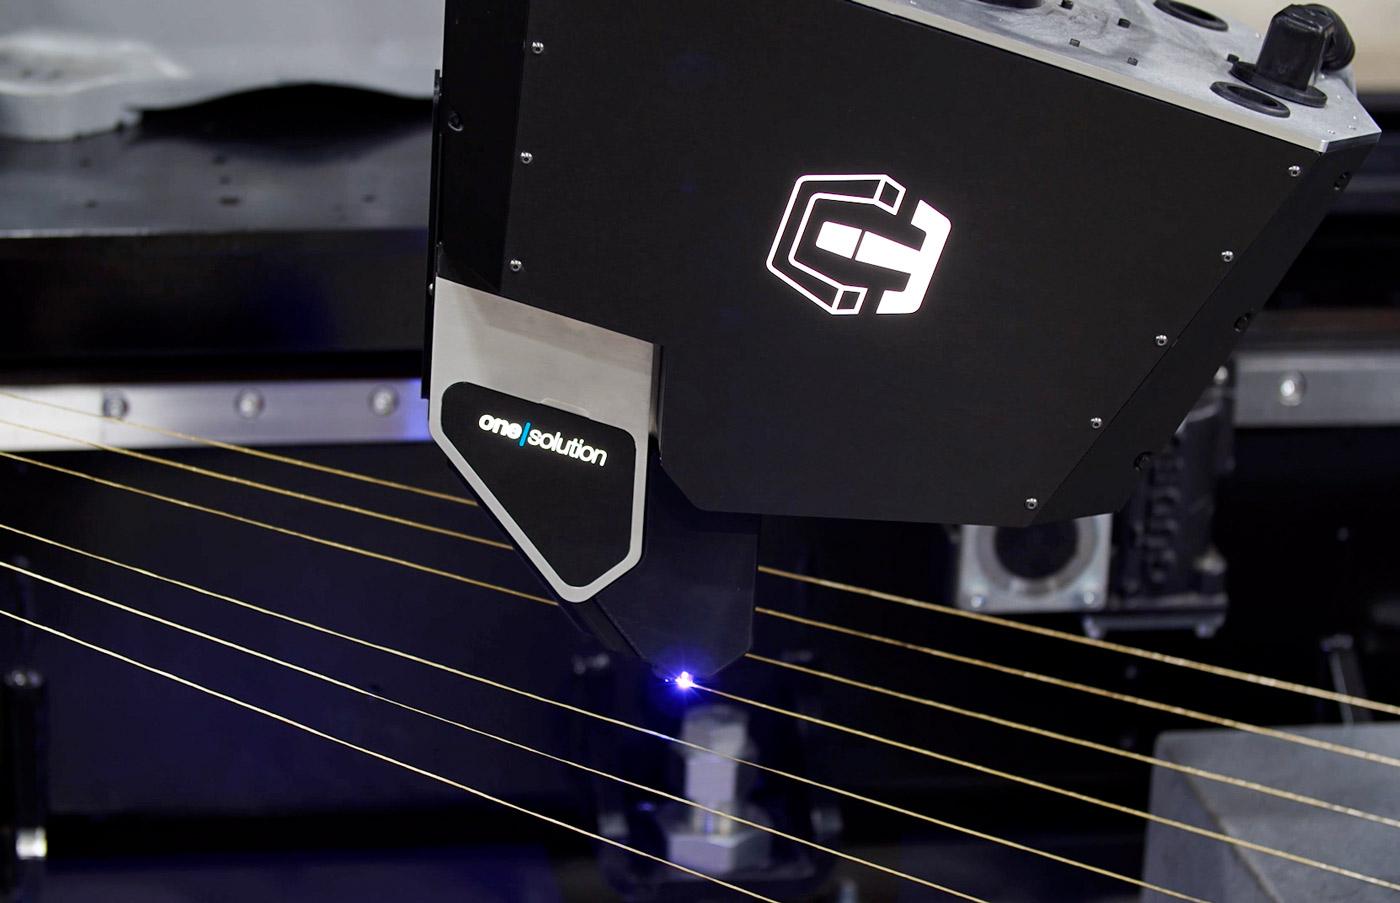 CF3D printing kevlar in free space